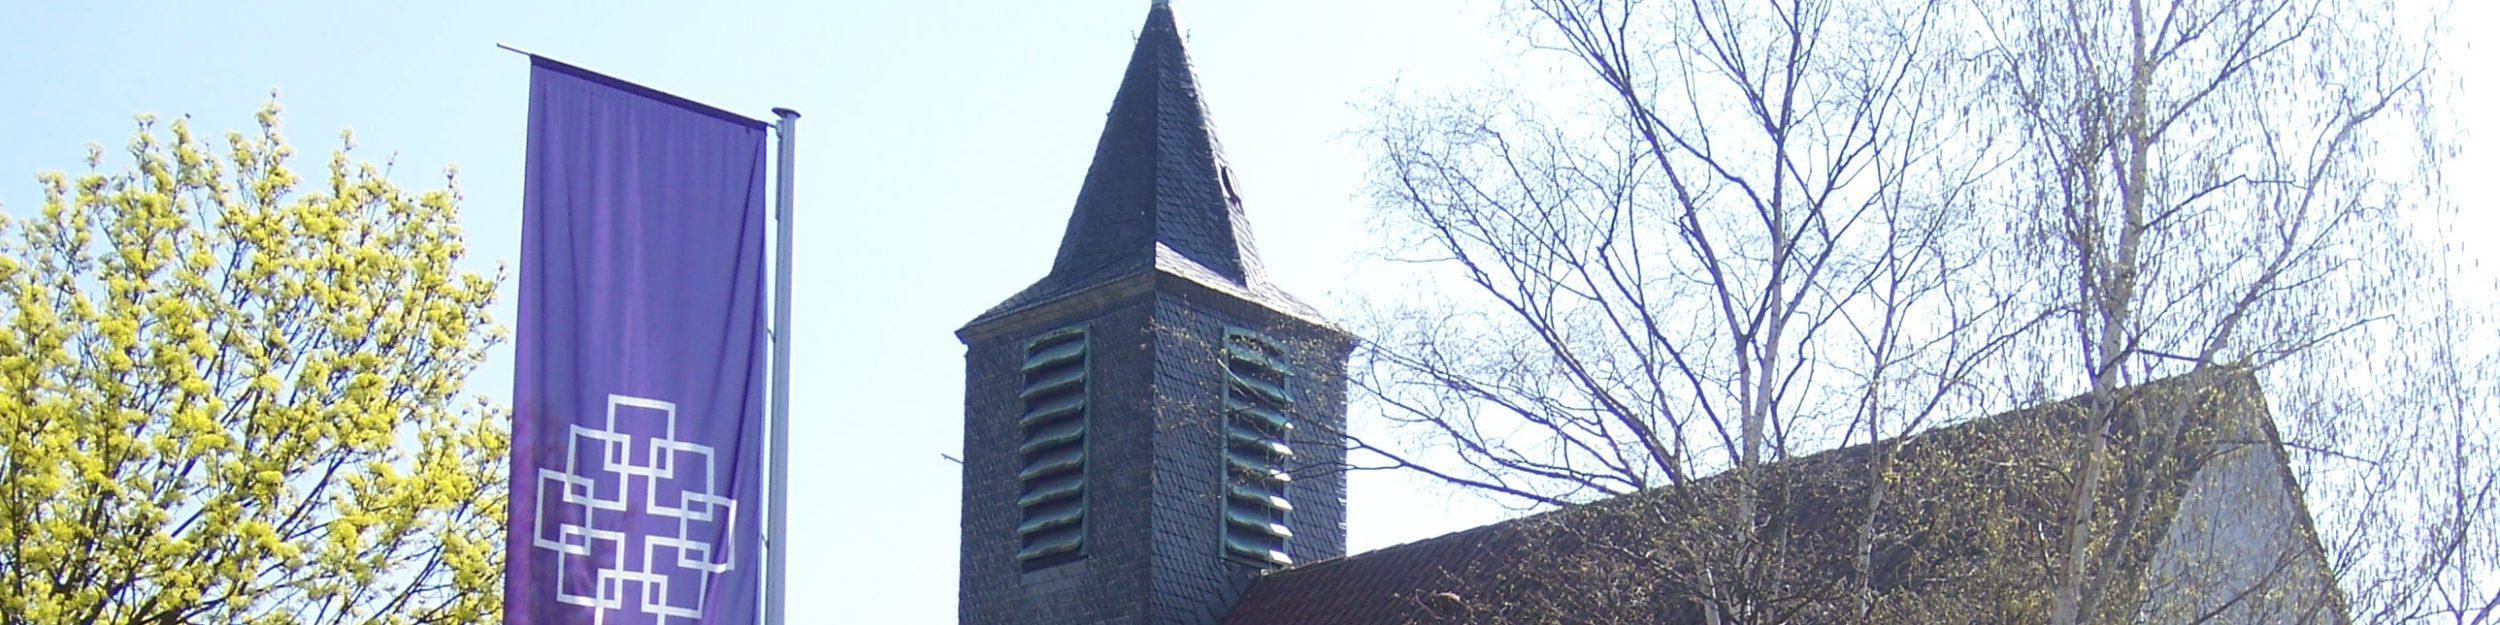 Förderverein der Evangelischen Kirche in Mainz-Finthen e.V.